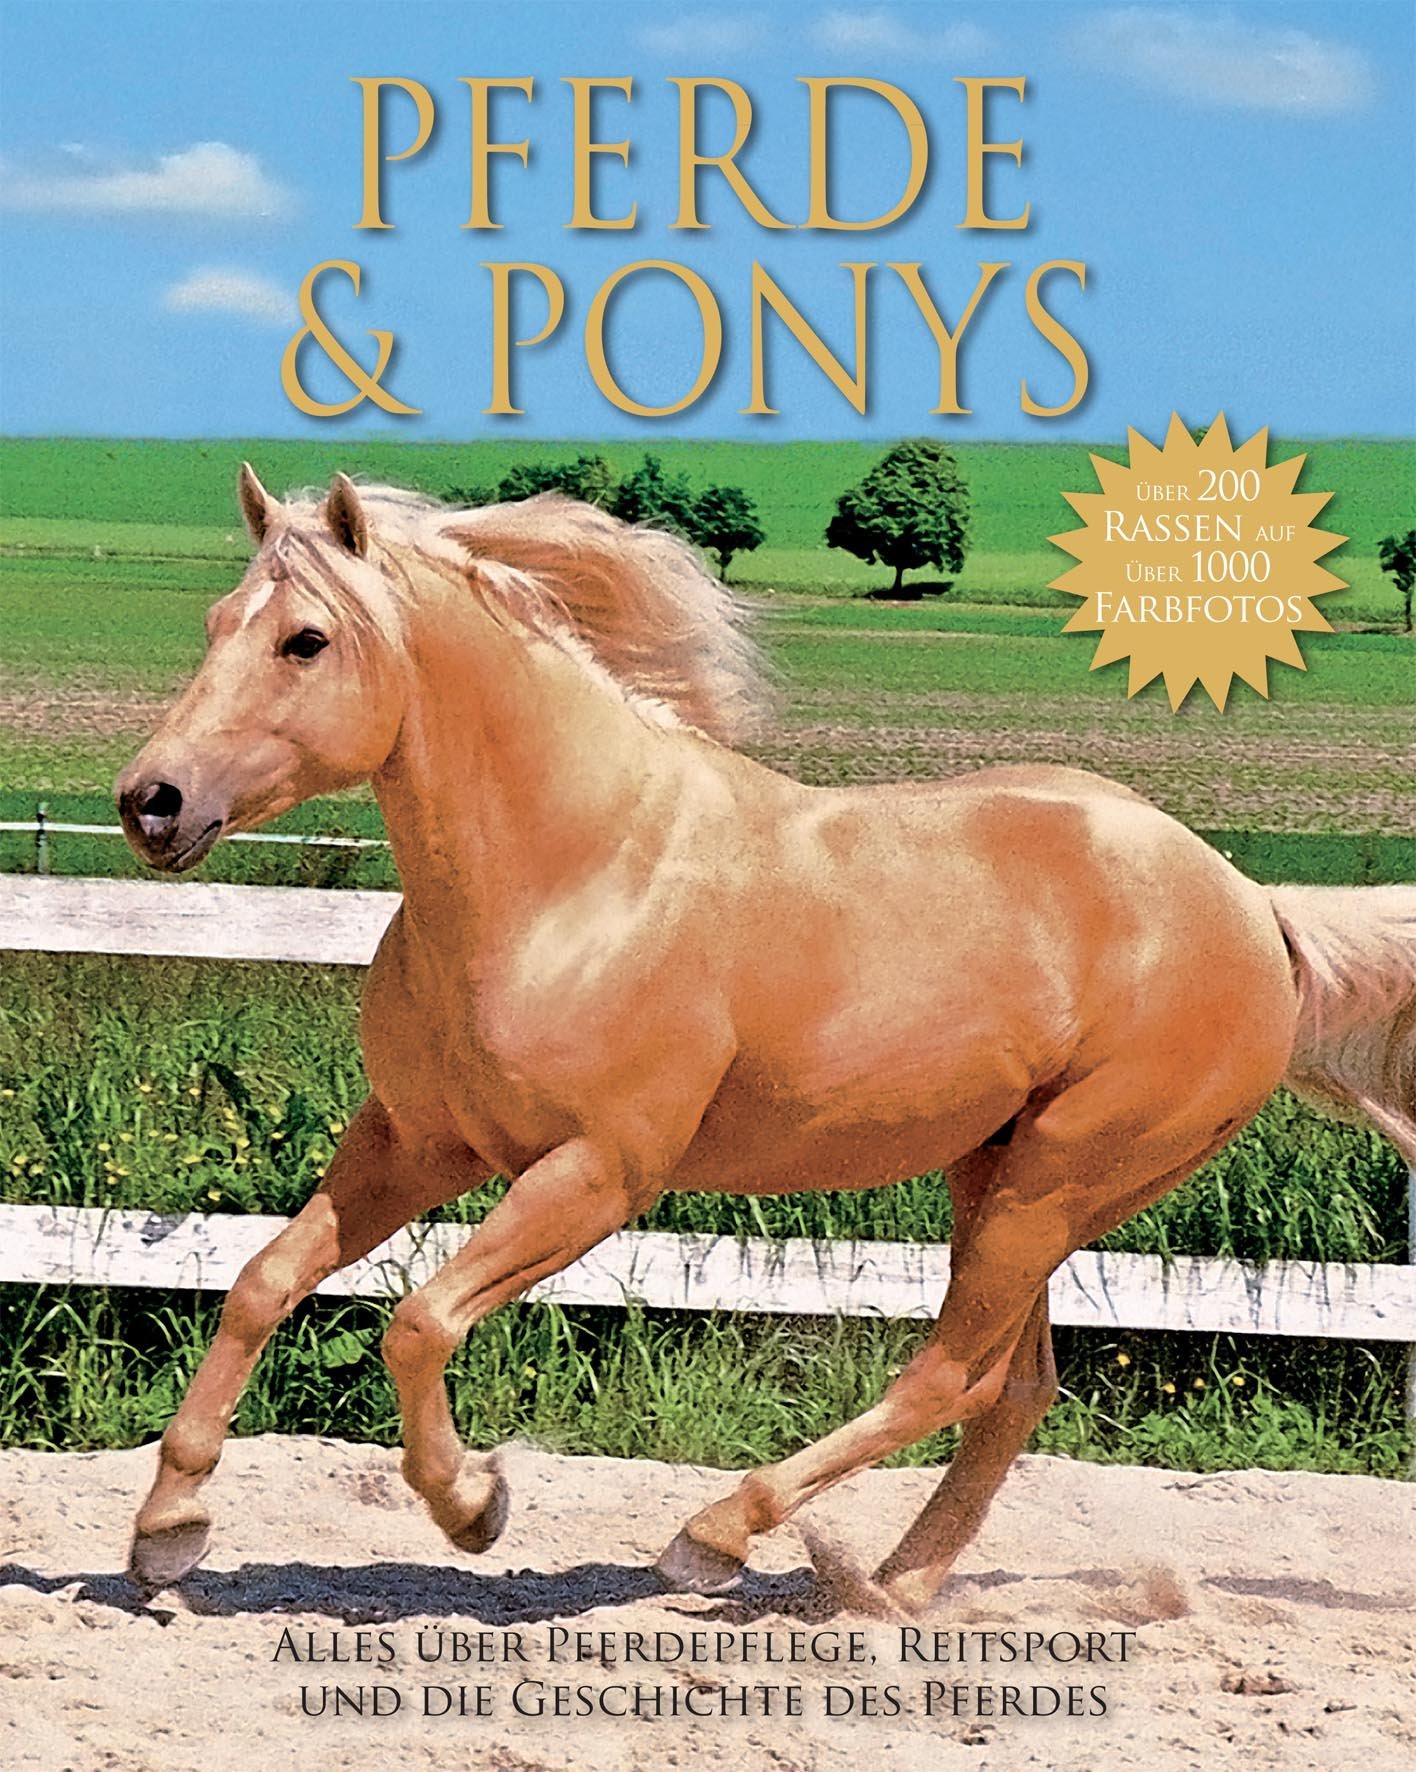 Pferde und Ponies: Alles über Pferdepflege, Reitsport und die Geschichte des Pferdes